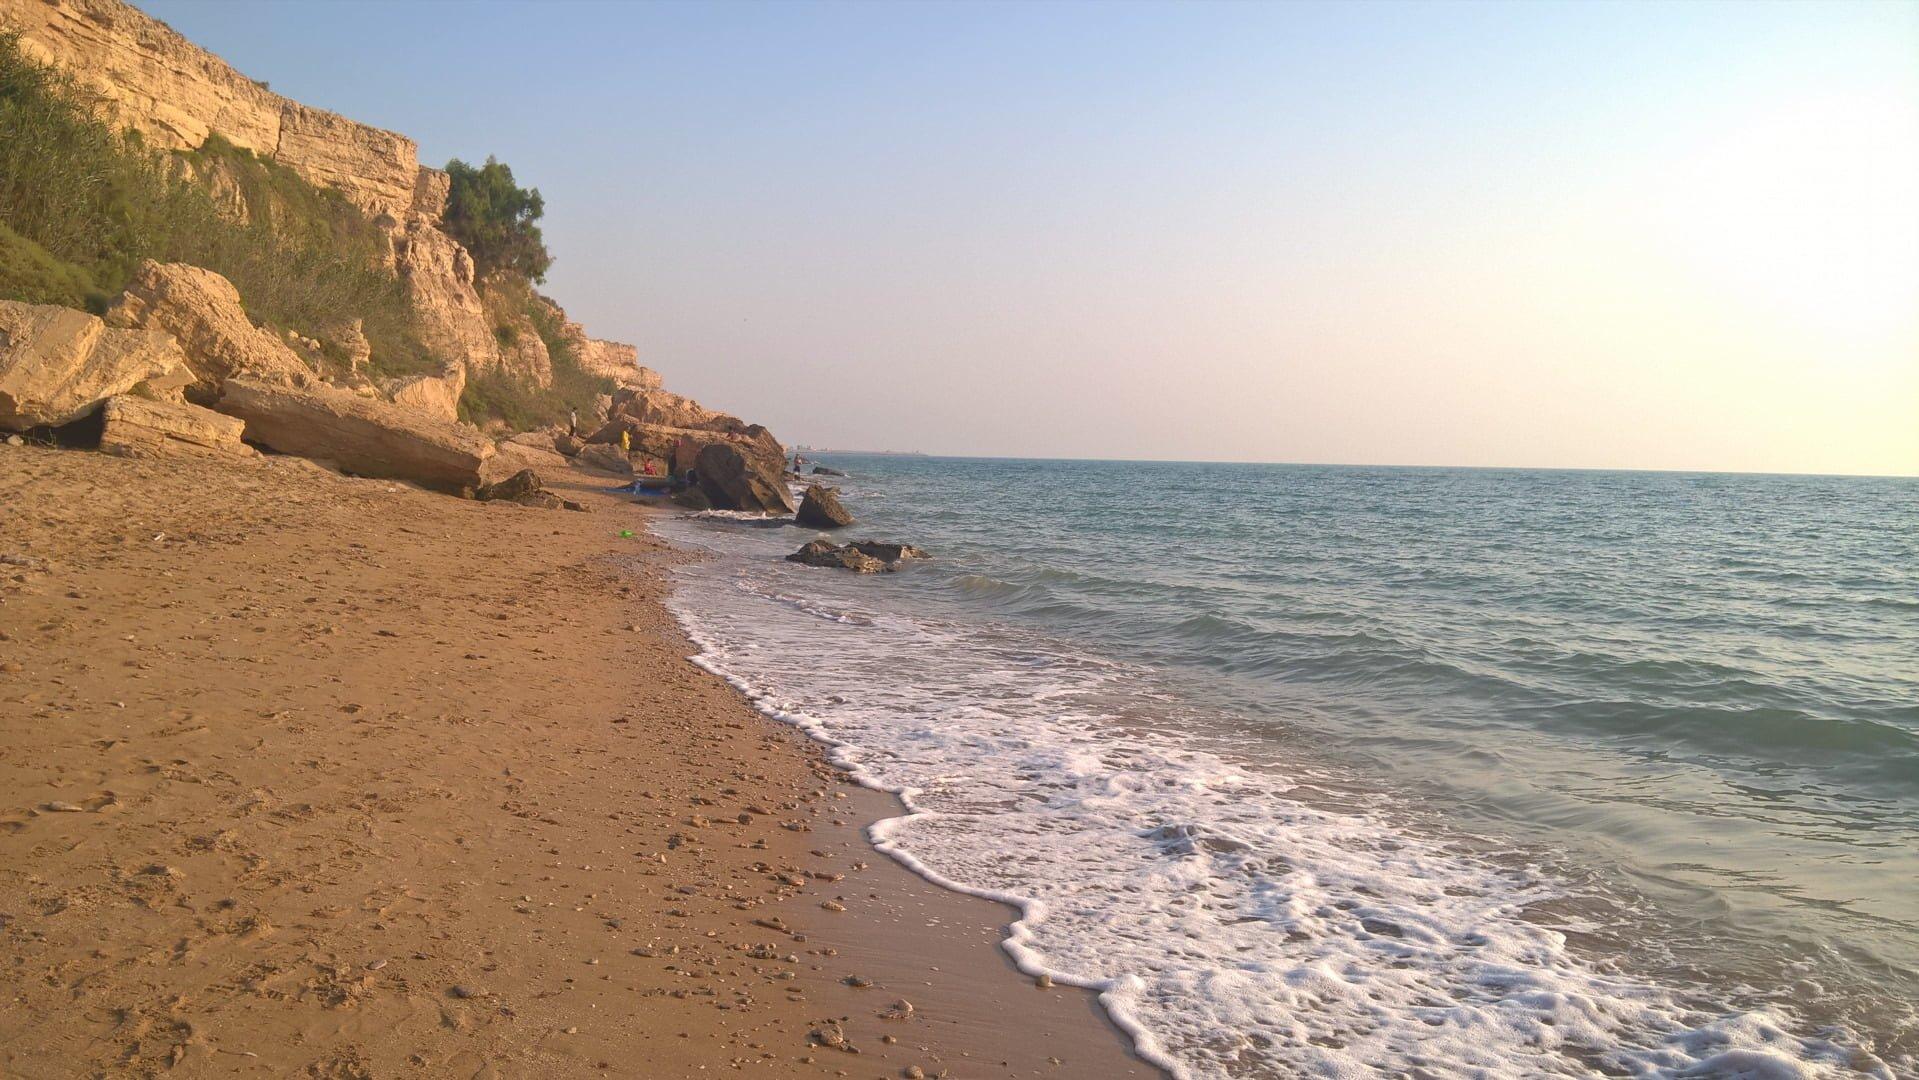 ساحل تفریحی ریشهر بوشهر ساحل تفریحی ریشهر بوشهر